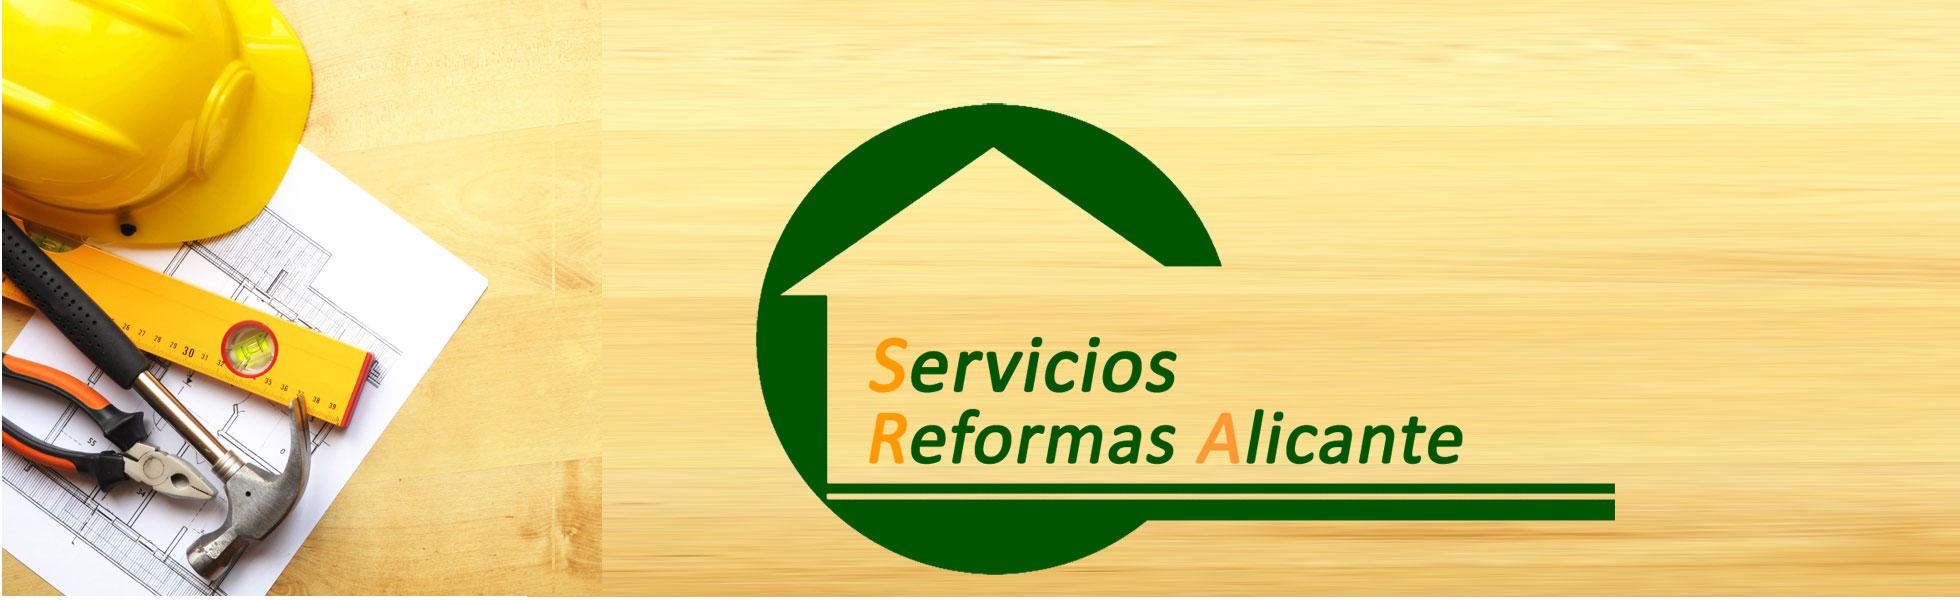 Empresa Reformas Alicante Reformas Restaurantes Alicante